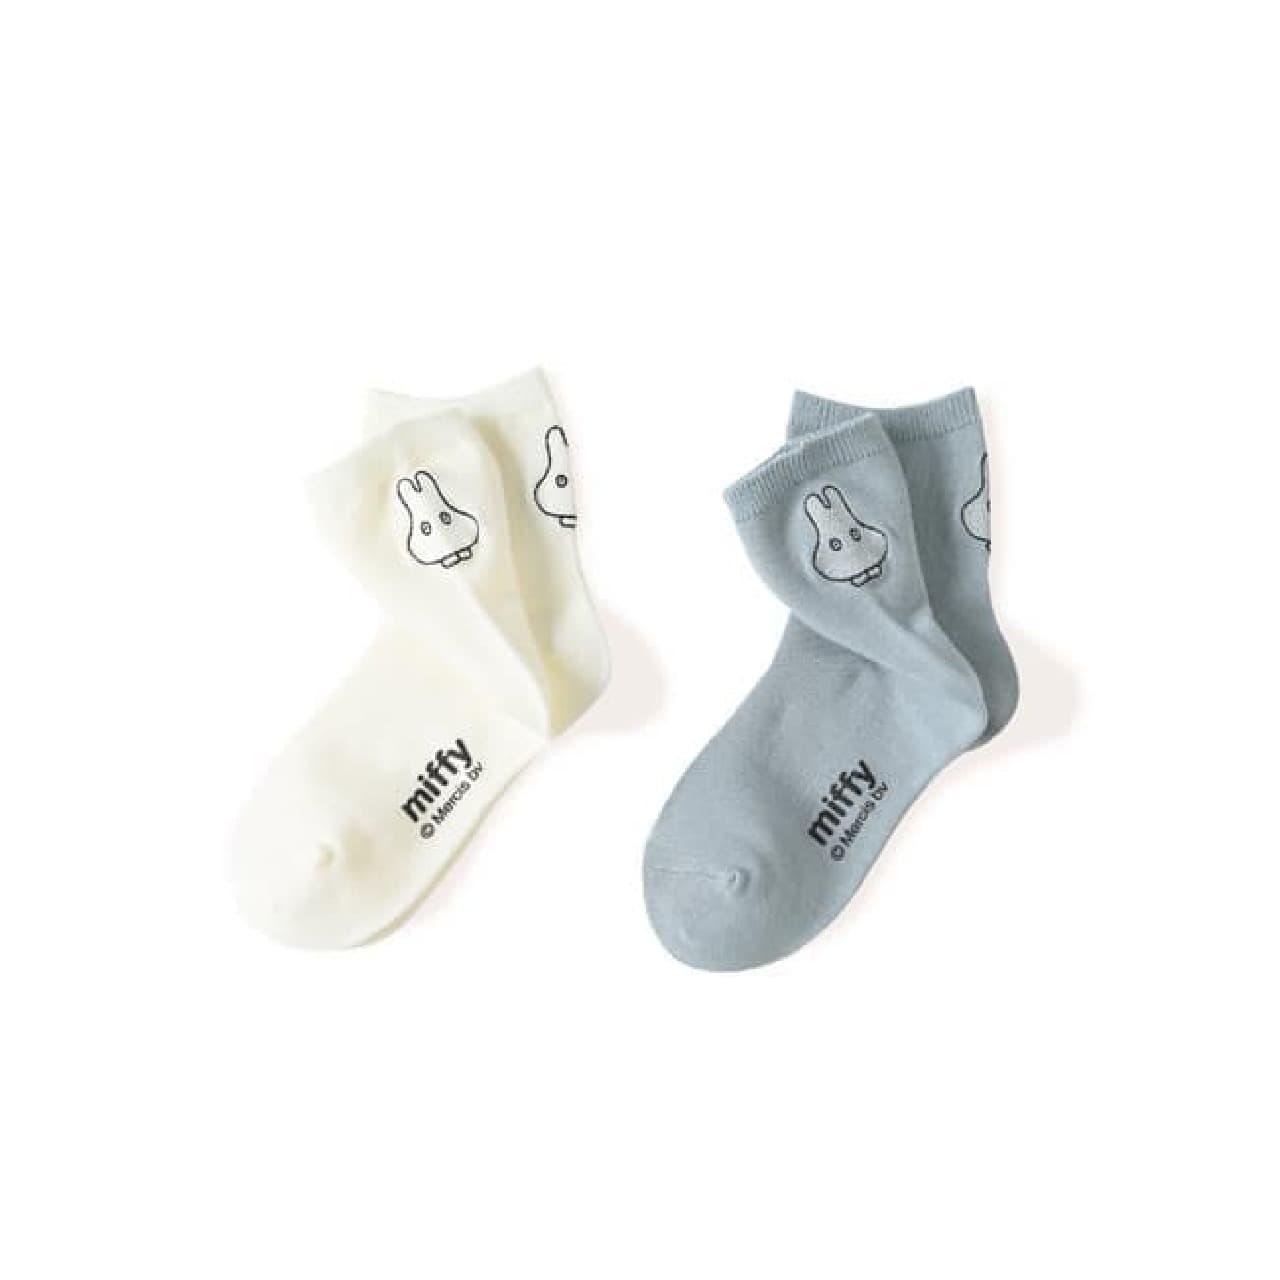 ミッフィーと靴下屋のコラボレーション靴下